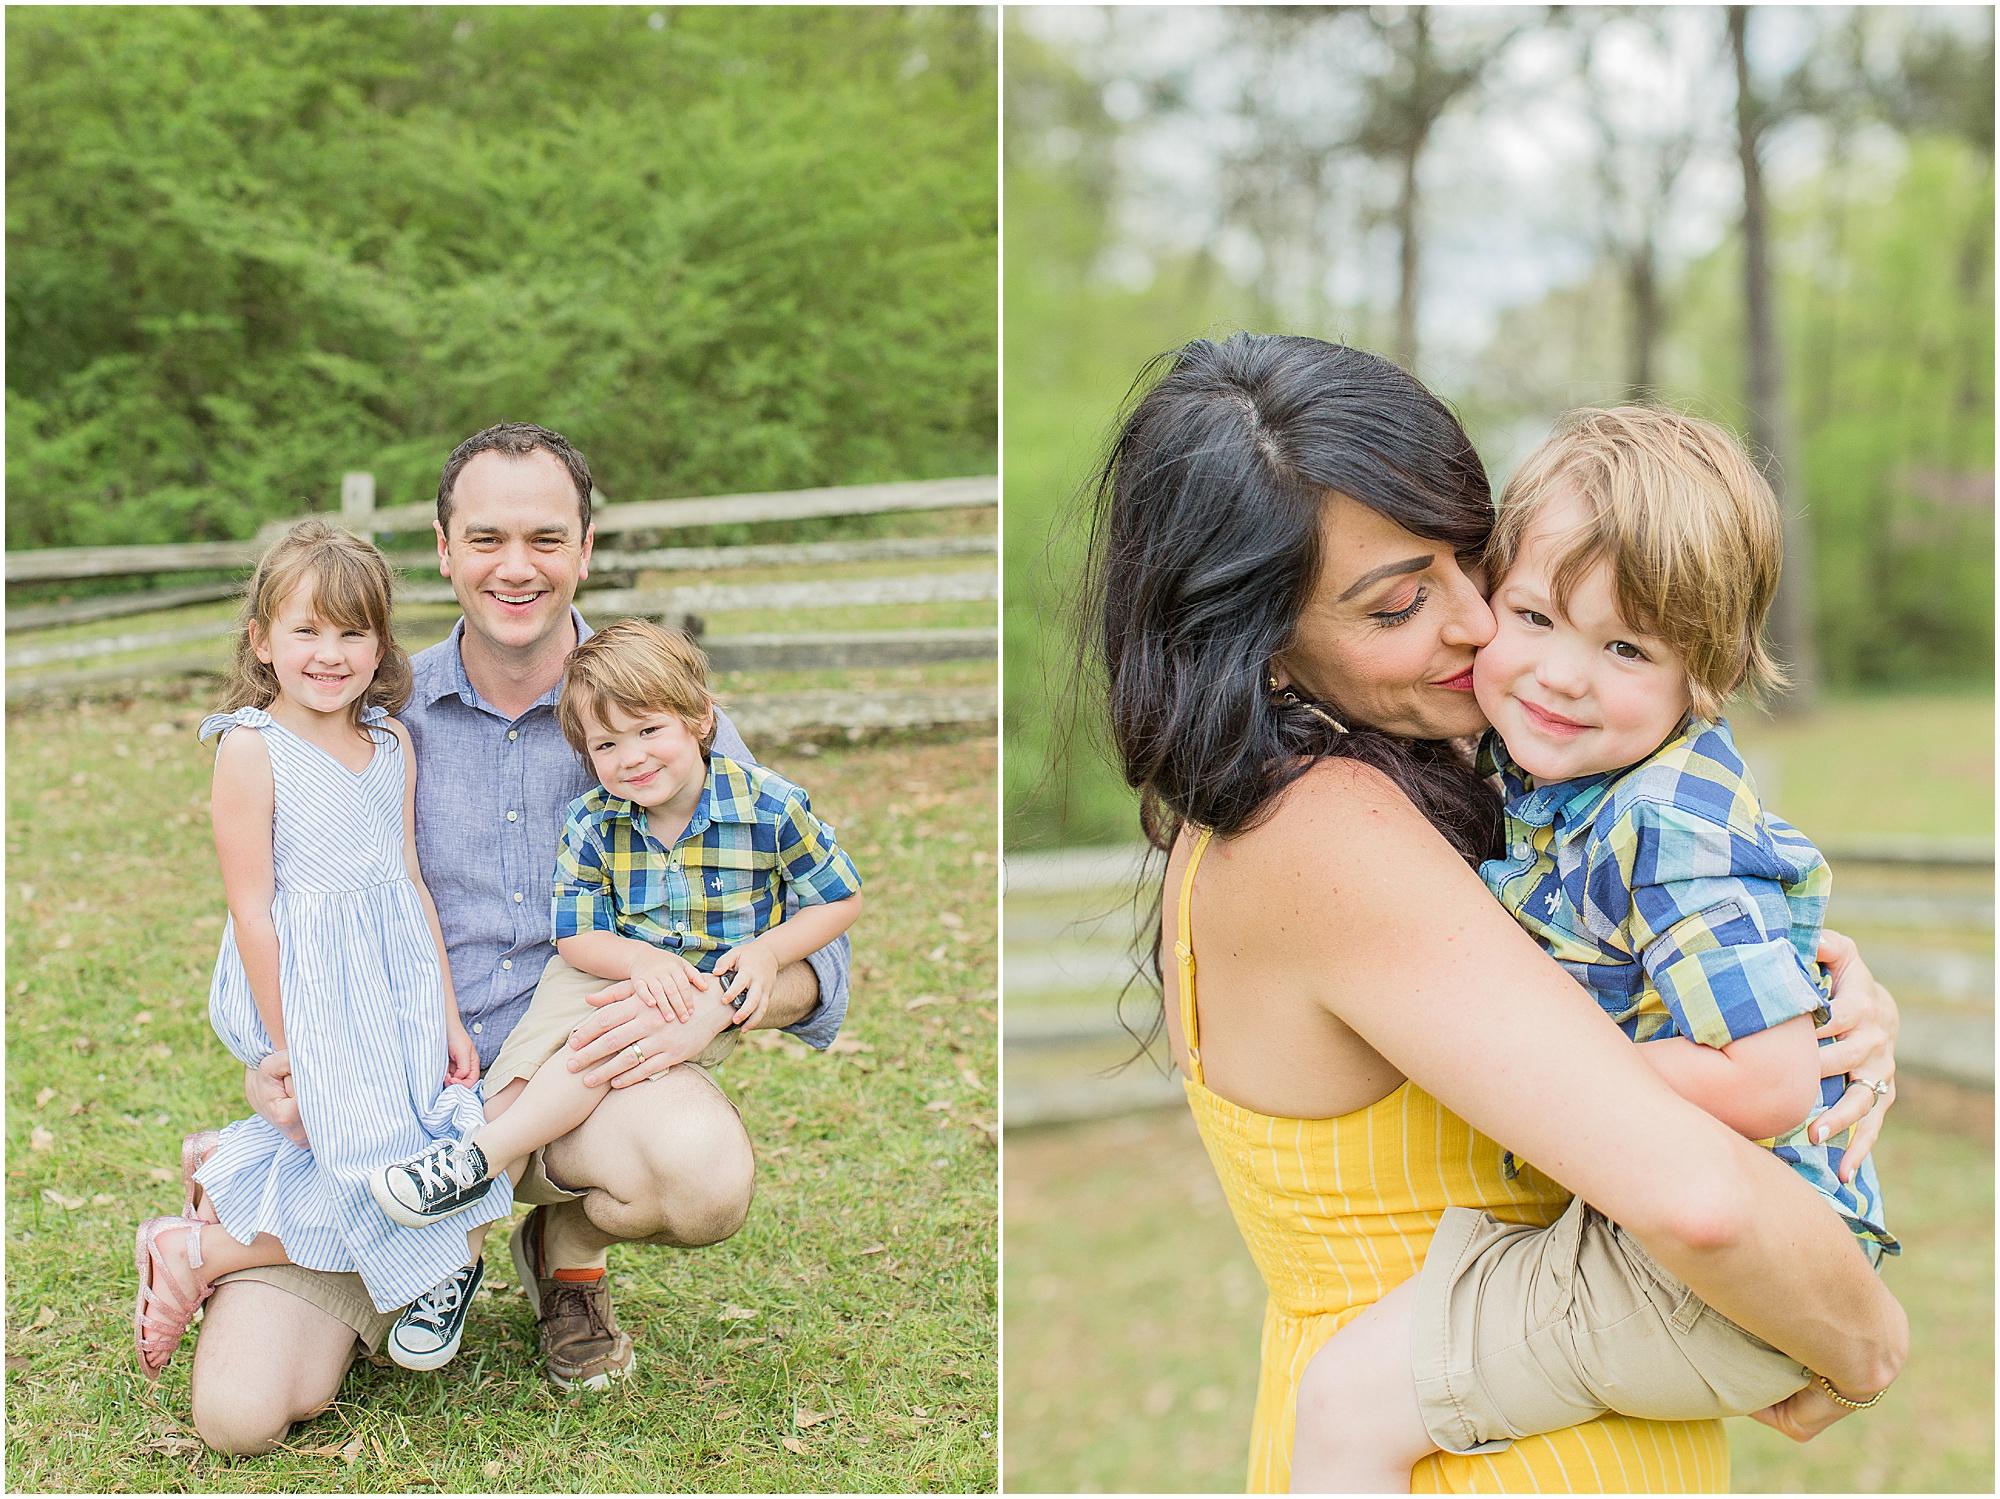 spring-mini-sessions-mississippi-family-photographer_0018.jpg